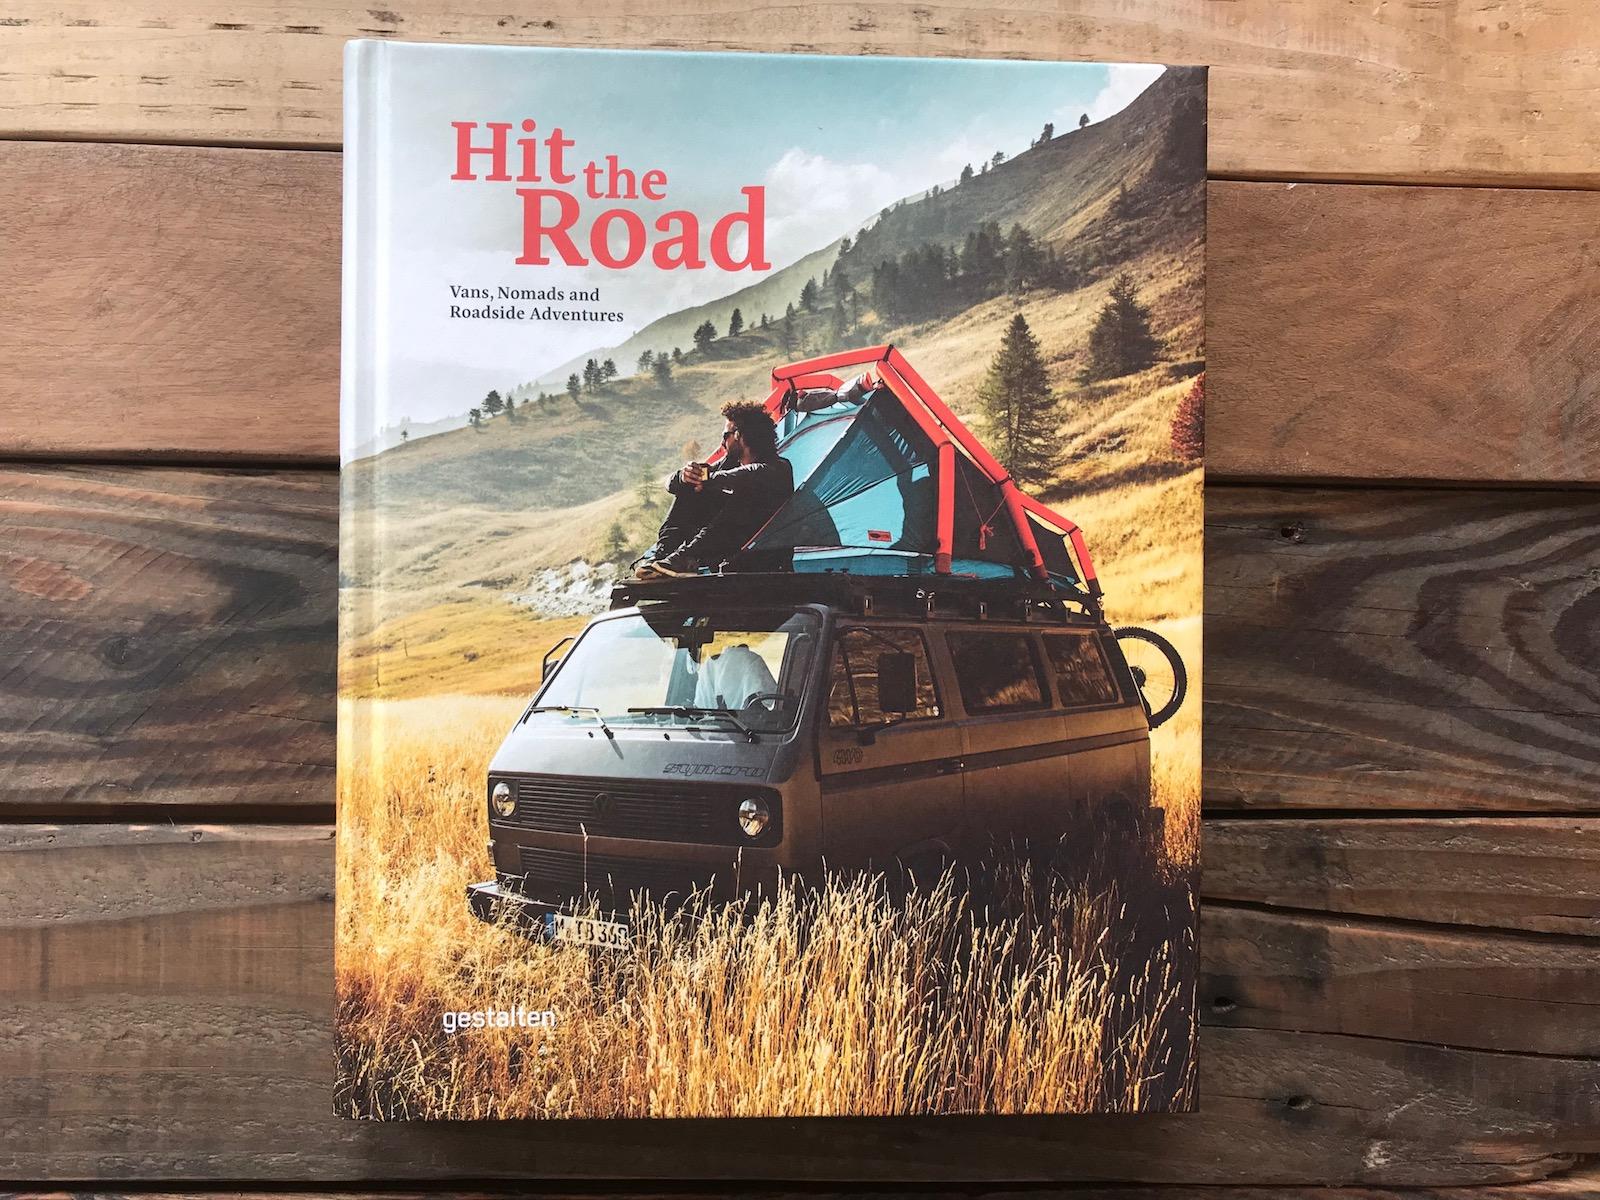 Outdoorküche Buch Buchen : Die neue outdoor küche buch buchtipp coffee style von horst a